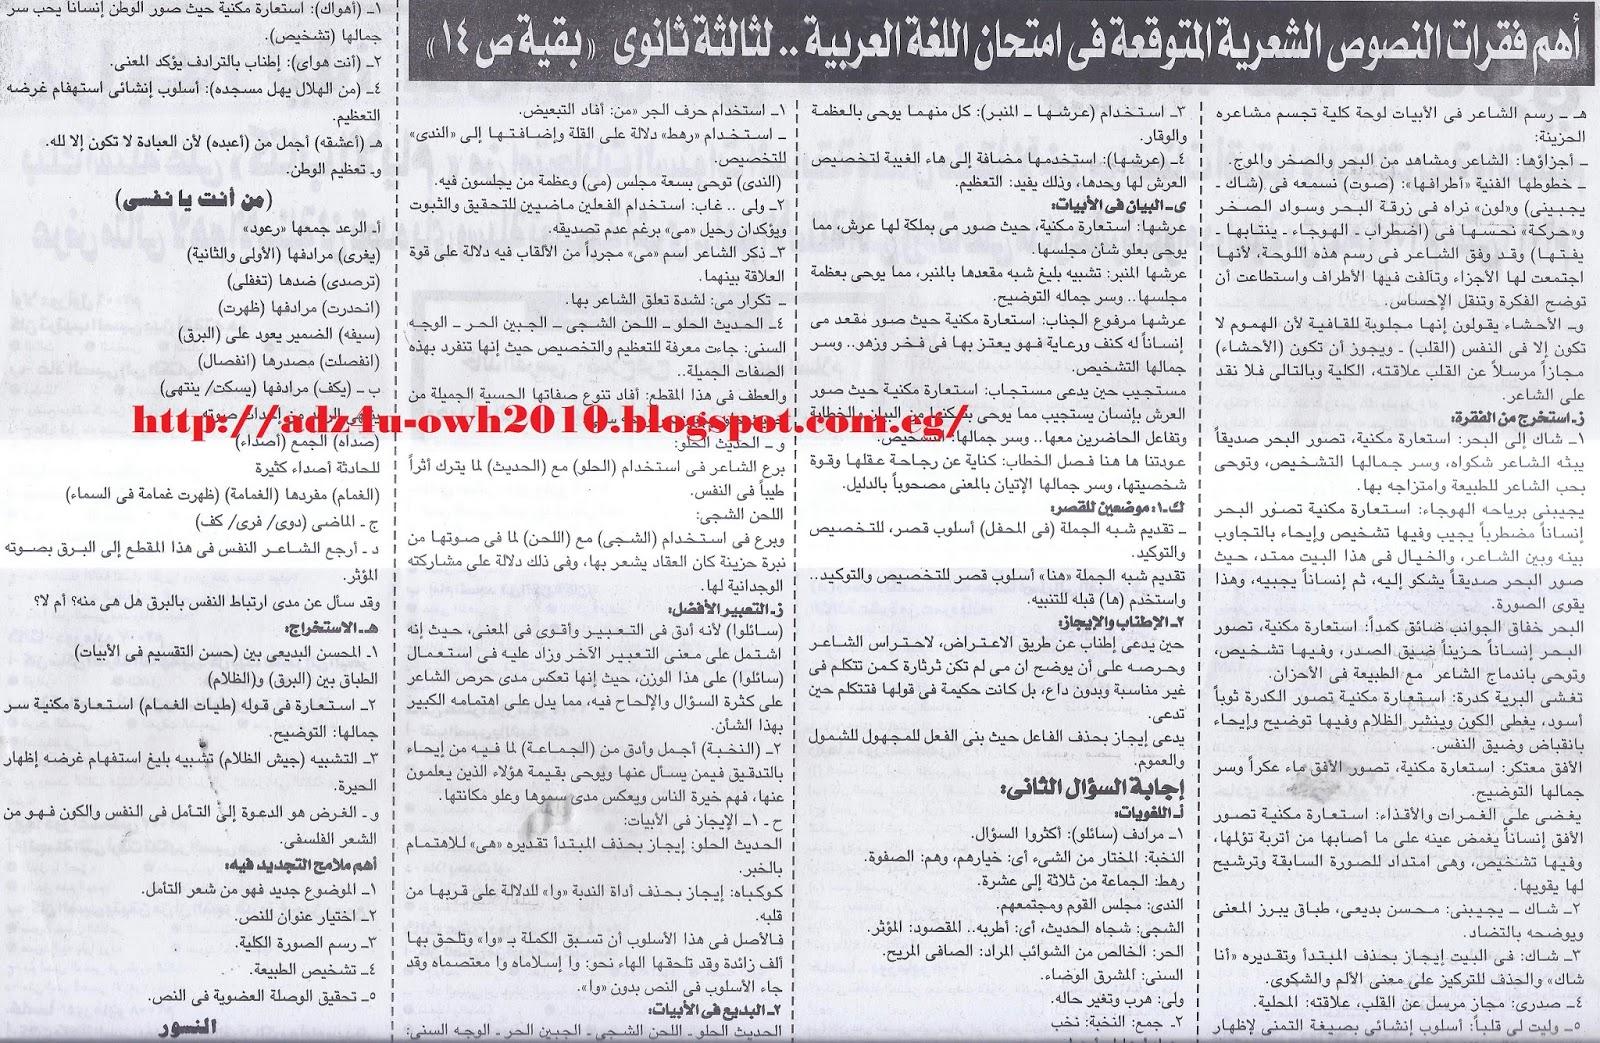 اهم توقعات النصوص للثانوية العامة.. ملحق الجمهورية التعليمي Scan0029